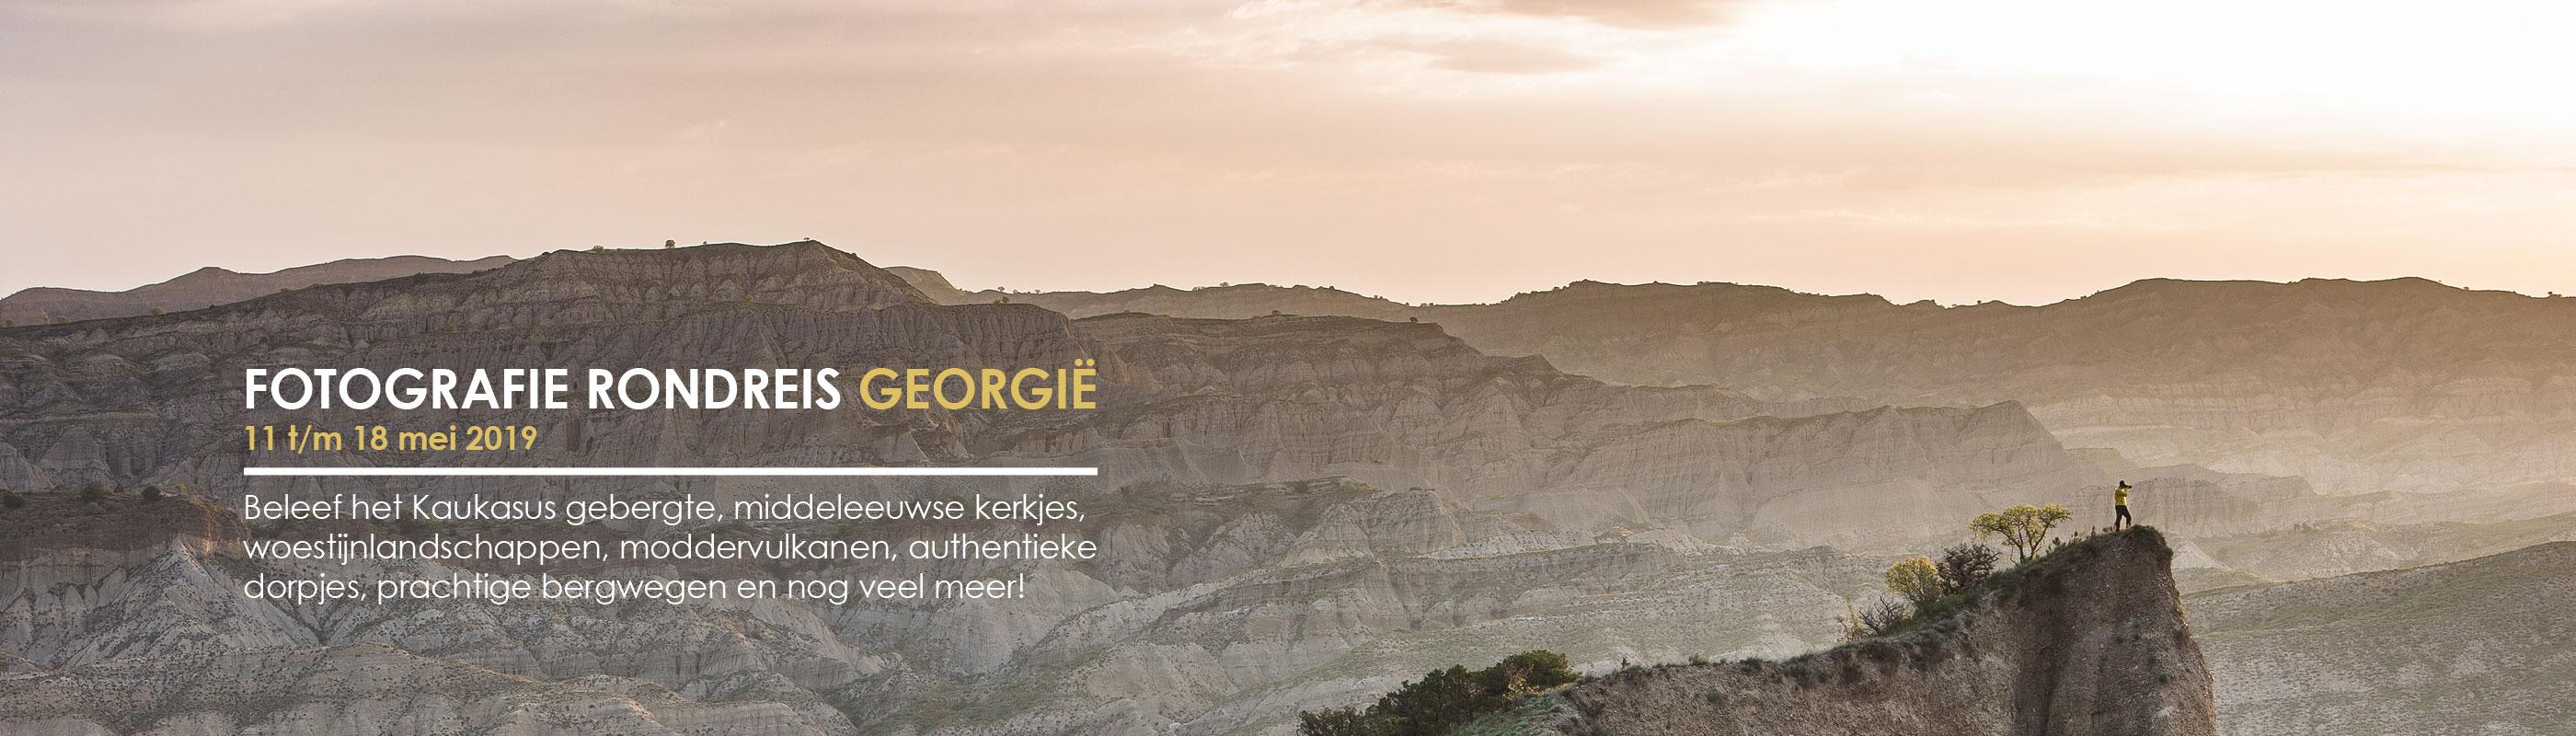 GeorgieRondreis-homeslider-V3